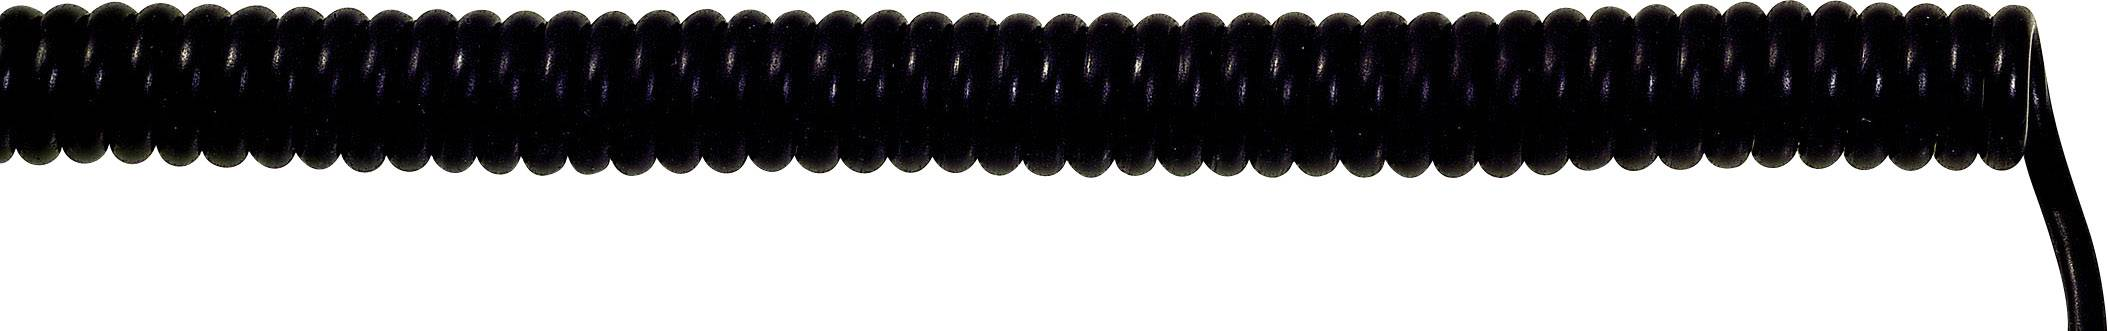 Špirálový kábel 73220234 UNITRONIC® SPIRAL 12 x 0.14 mm², 500 mm / 2000 mm, čierna